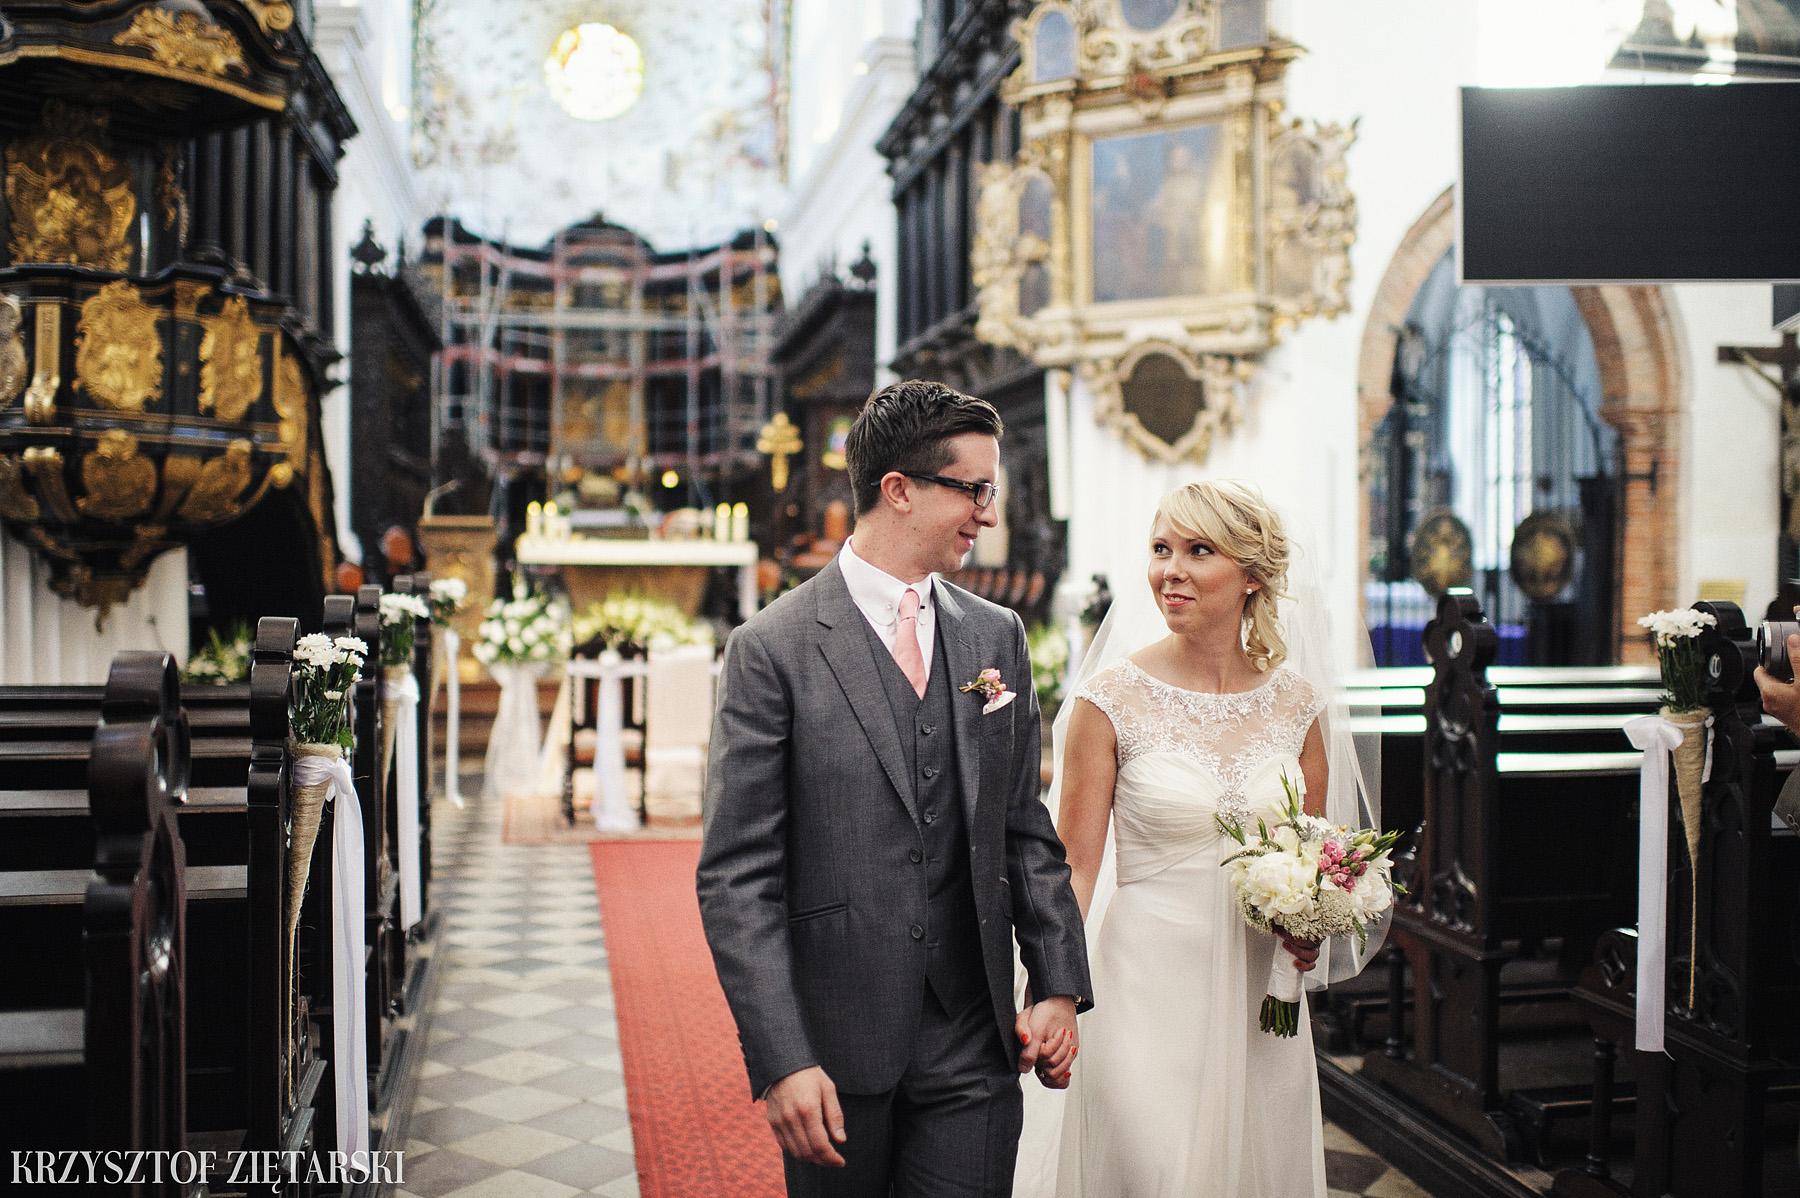 Marysia i Ollie - Fotografia ślubna Gdańsk, Katedra Oliwska, wesele Hotel Mera Sopot, plener Gdynia Orłowo - 22.